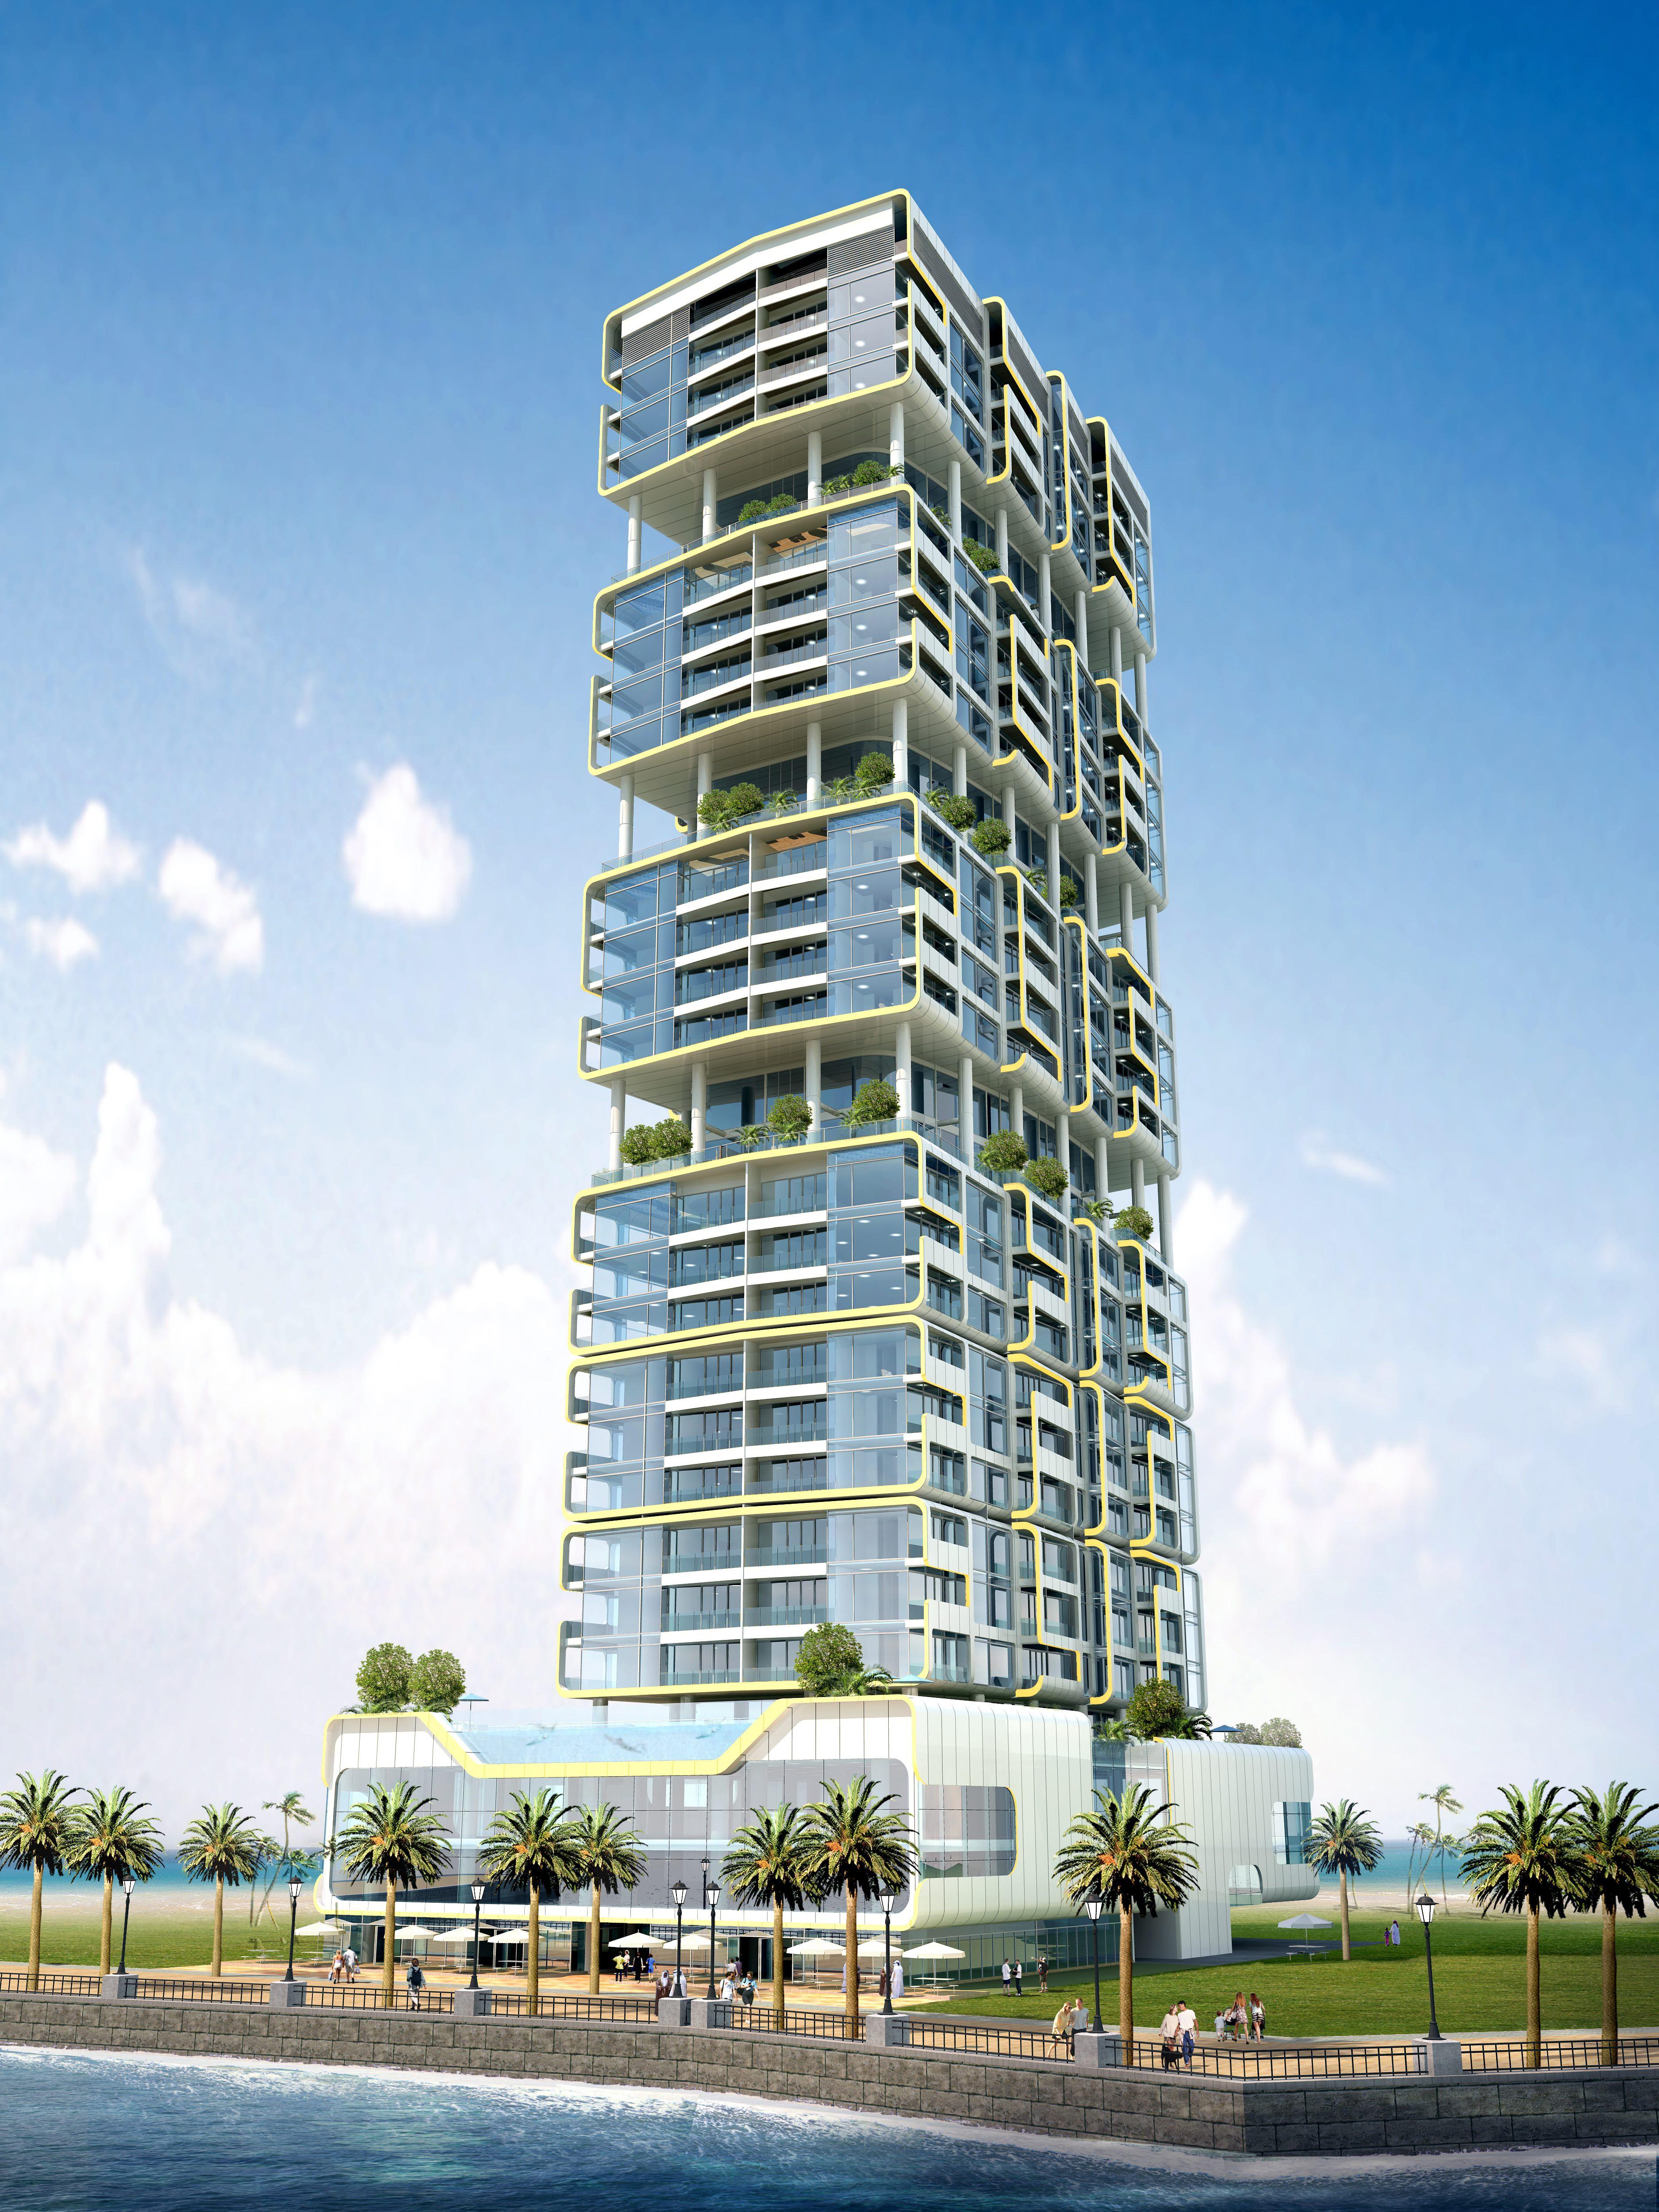 future architecture consultants - 640×853